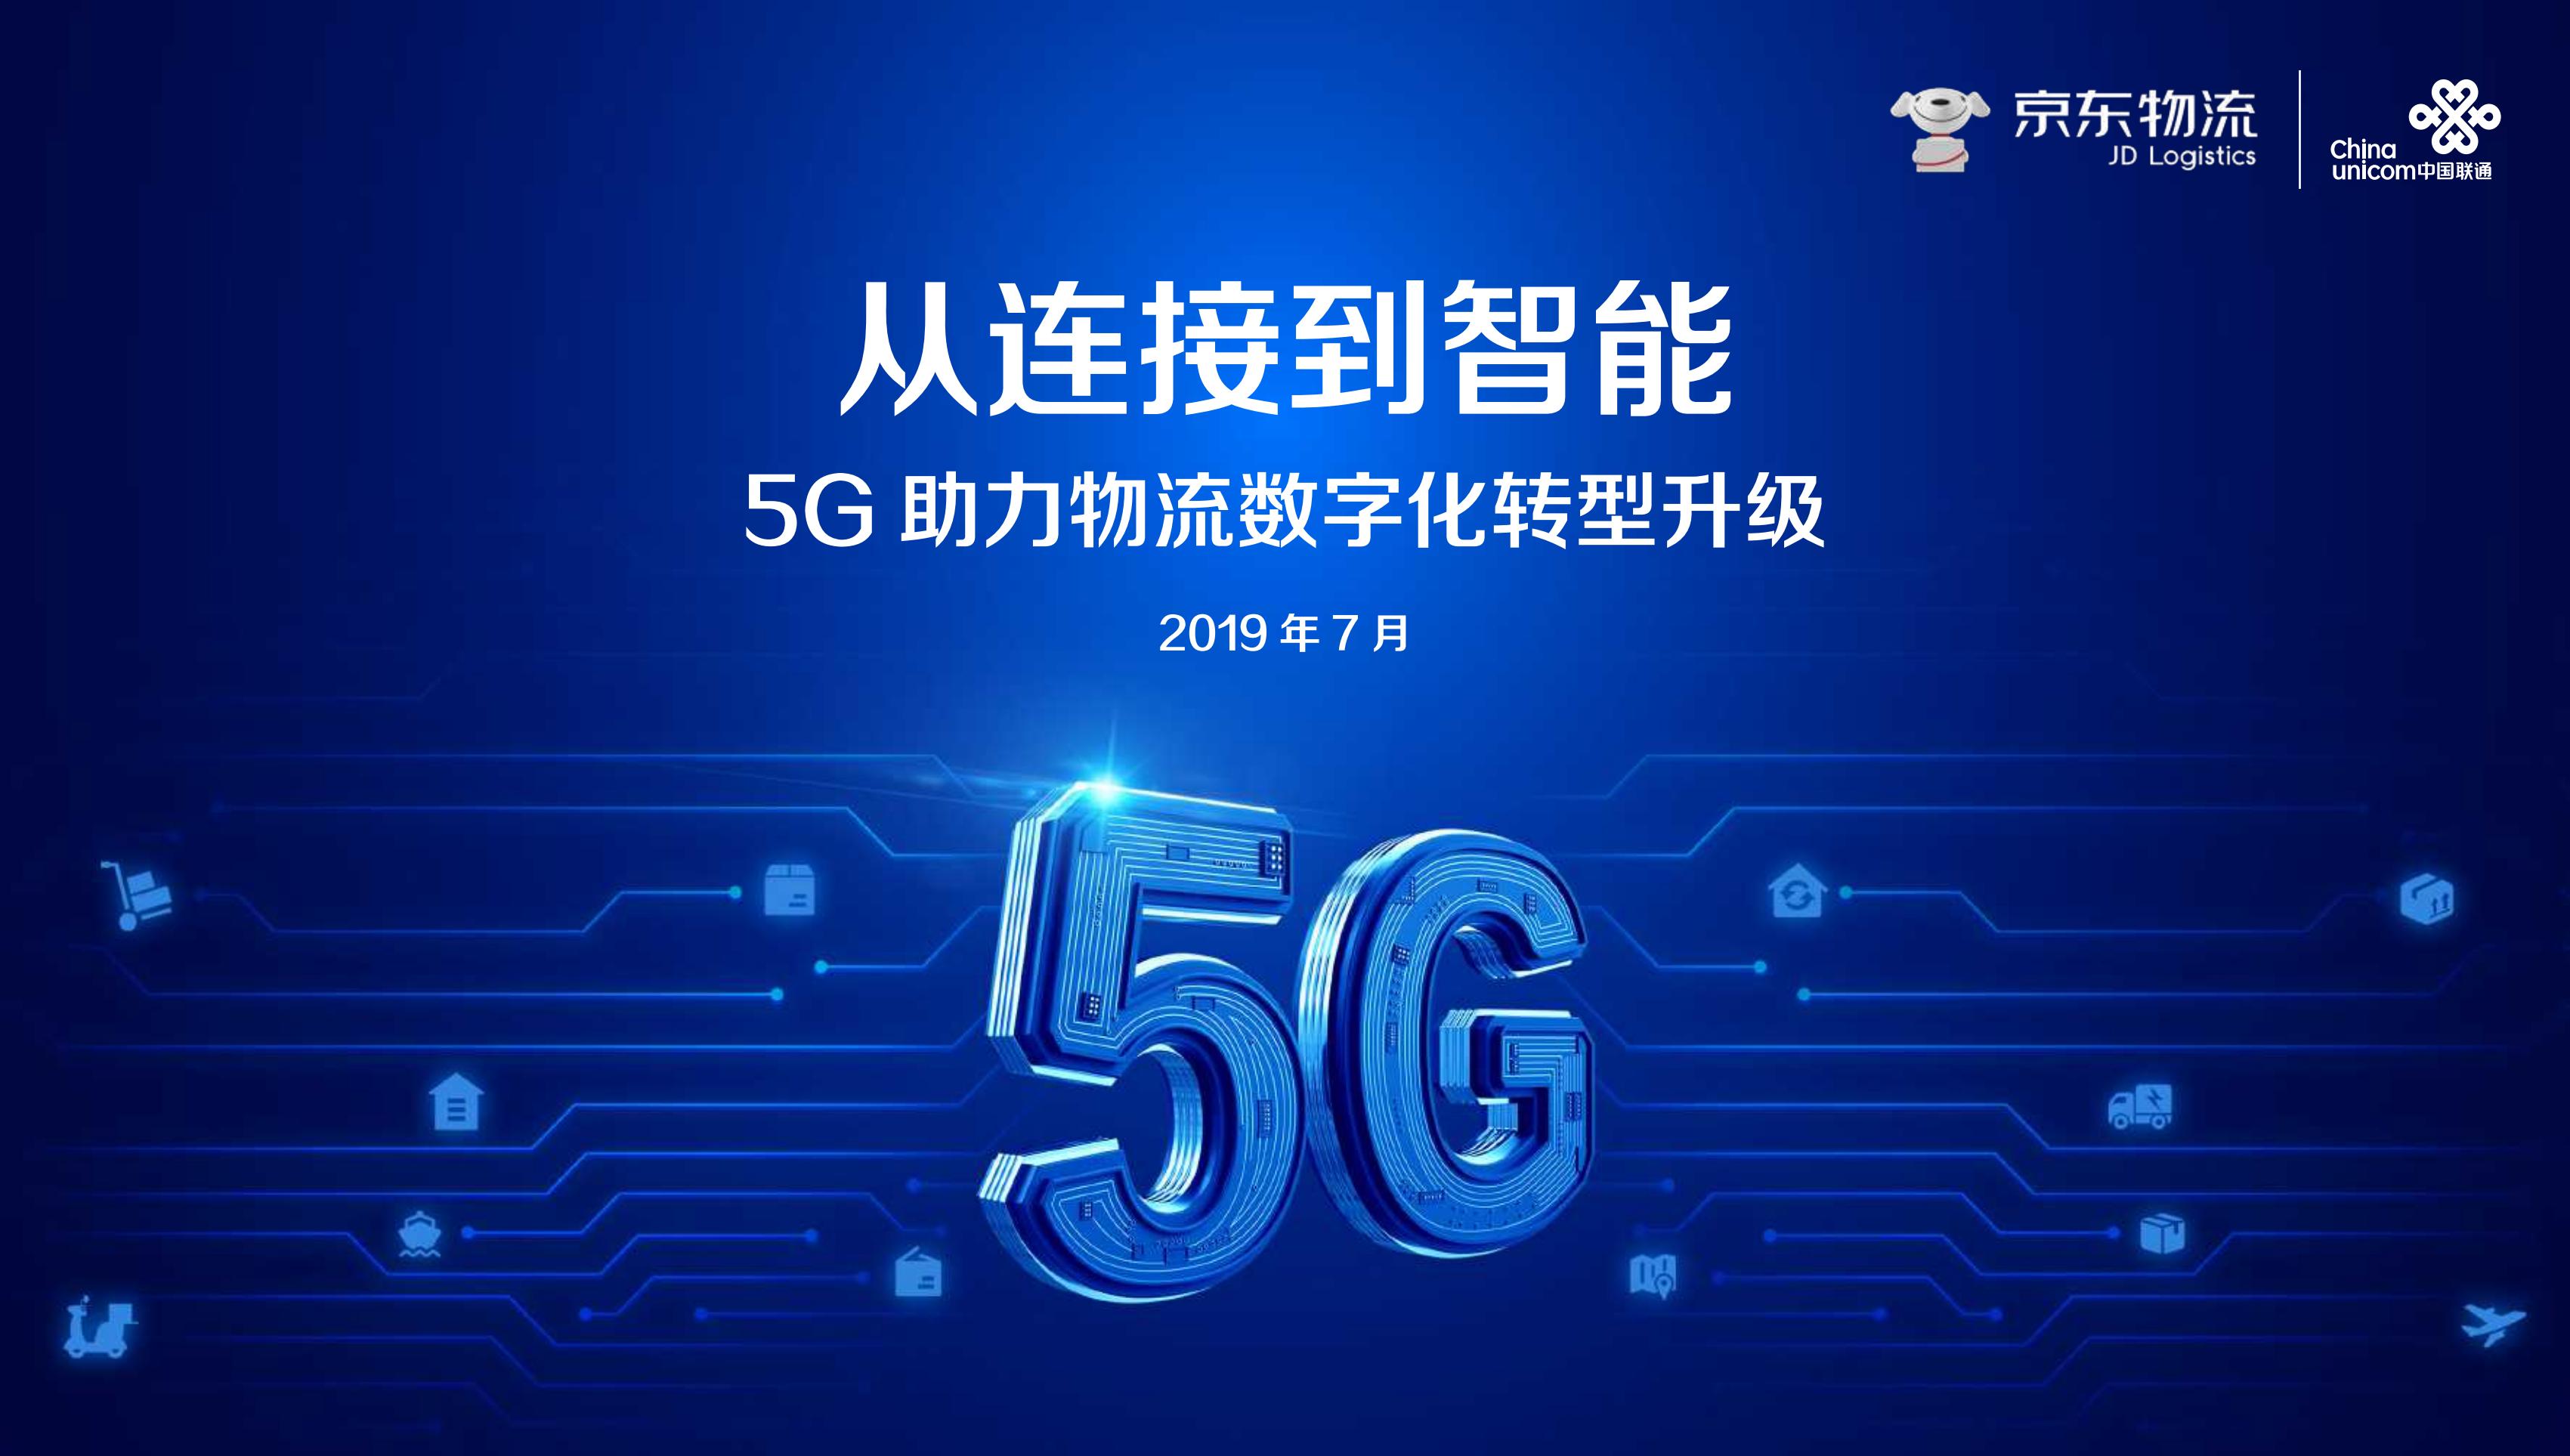 京东物流:5G助力物流数字化转型升级白皮书(报告内附下载)